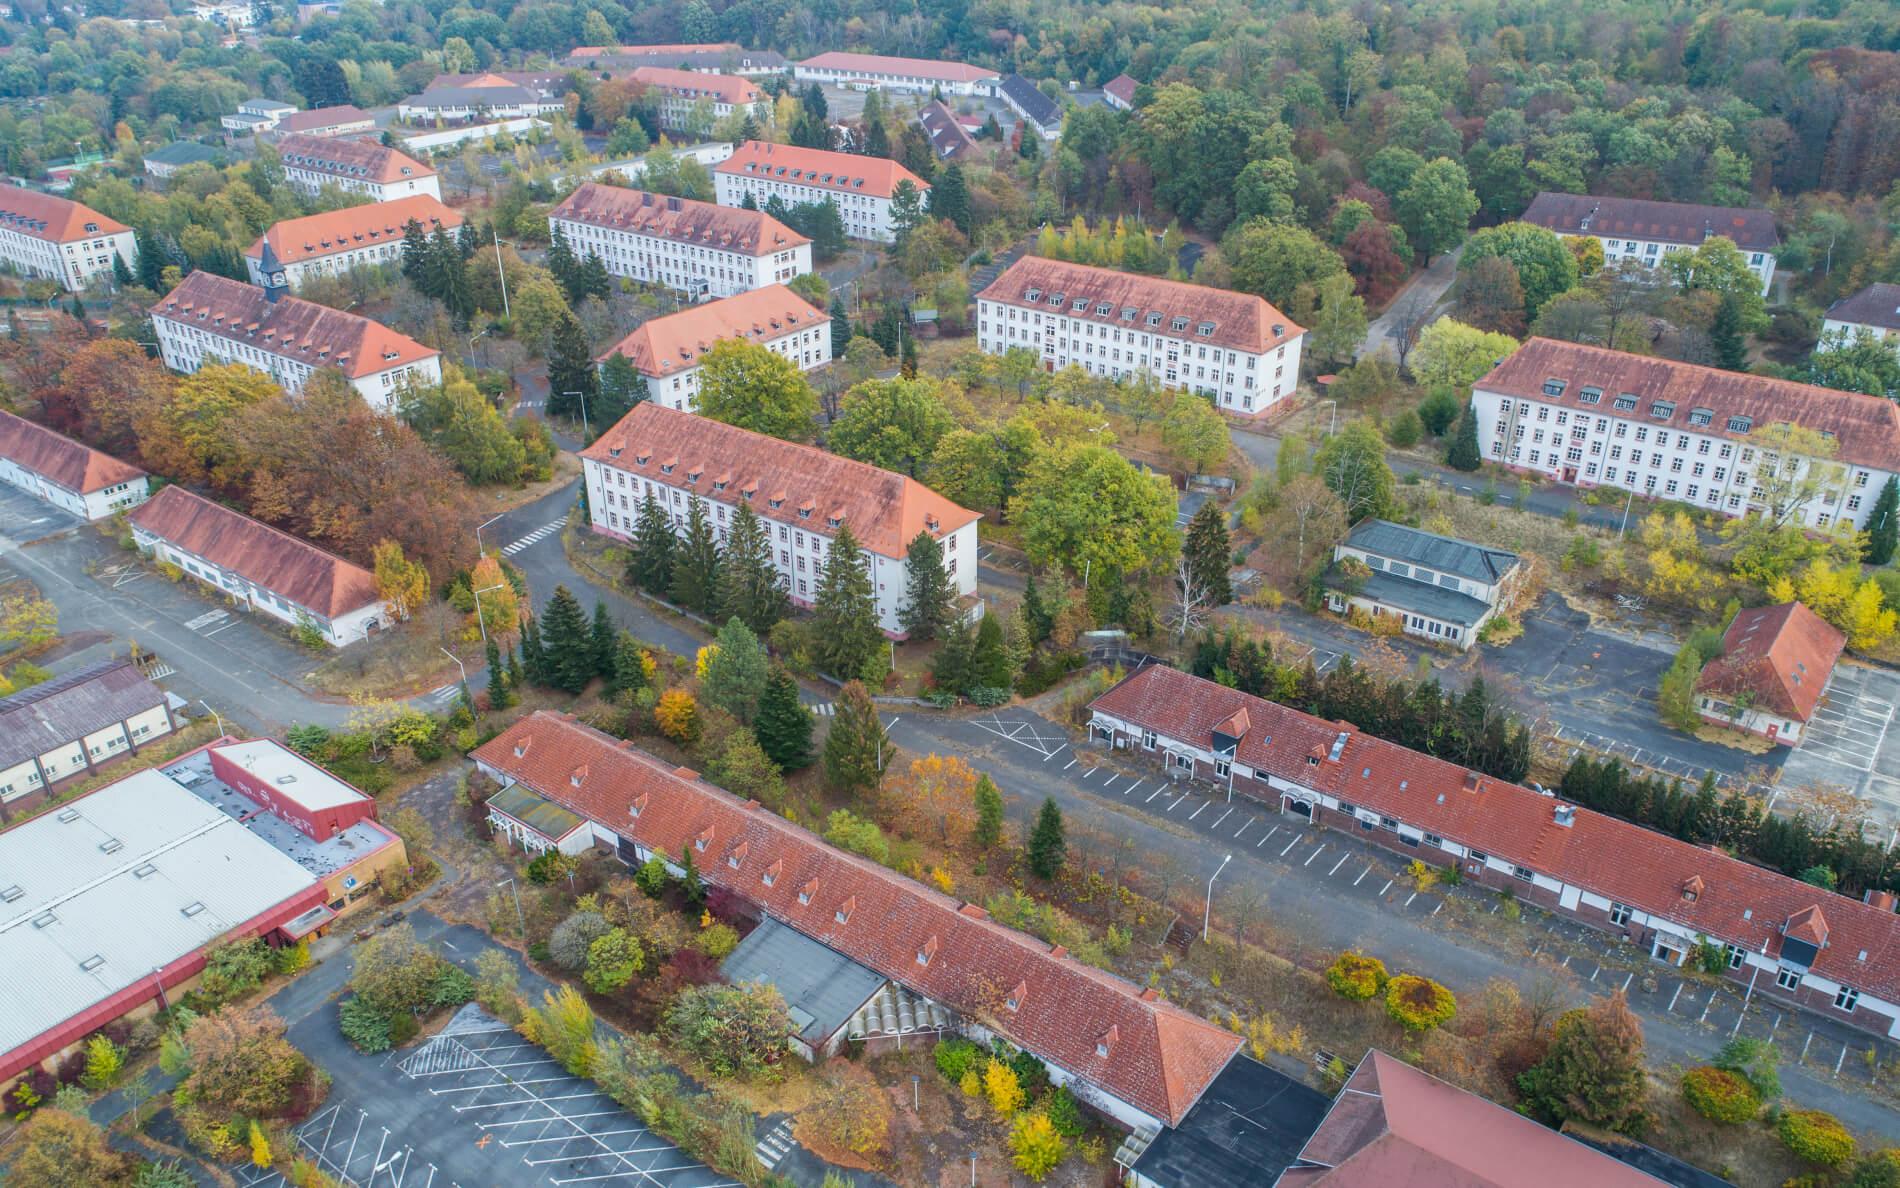 Luftbild-Blick-nach-Innenstadt-Darmstadt-Jefferson-Siedlung-Drohnenbefliegung-visuelle-Dokumentation-DGM-Erstellung-Cambrai-Fritsch-Kaserne-02